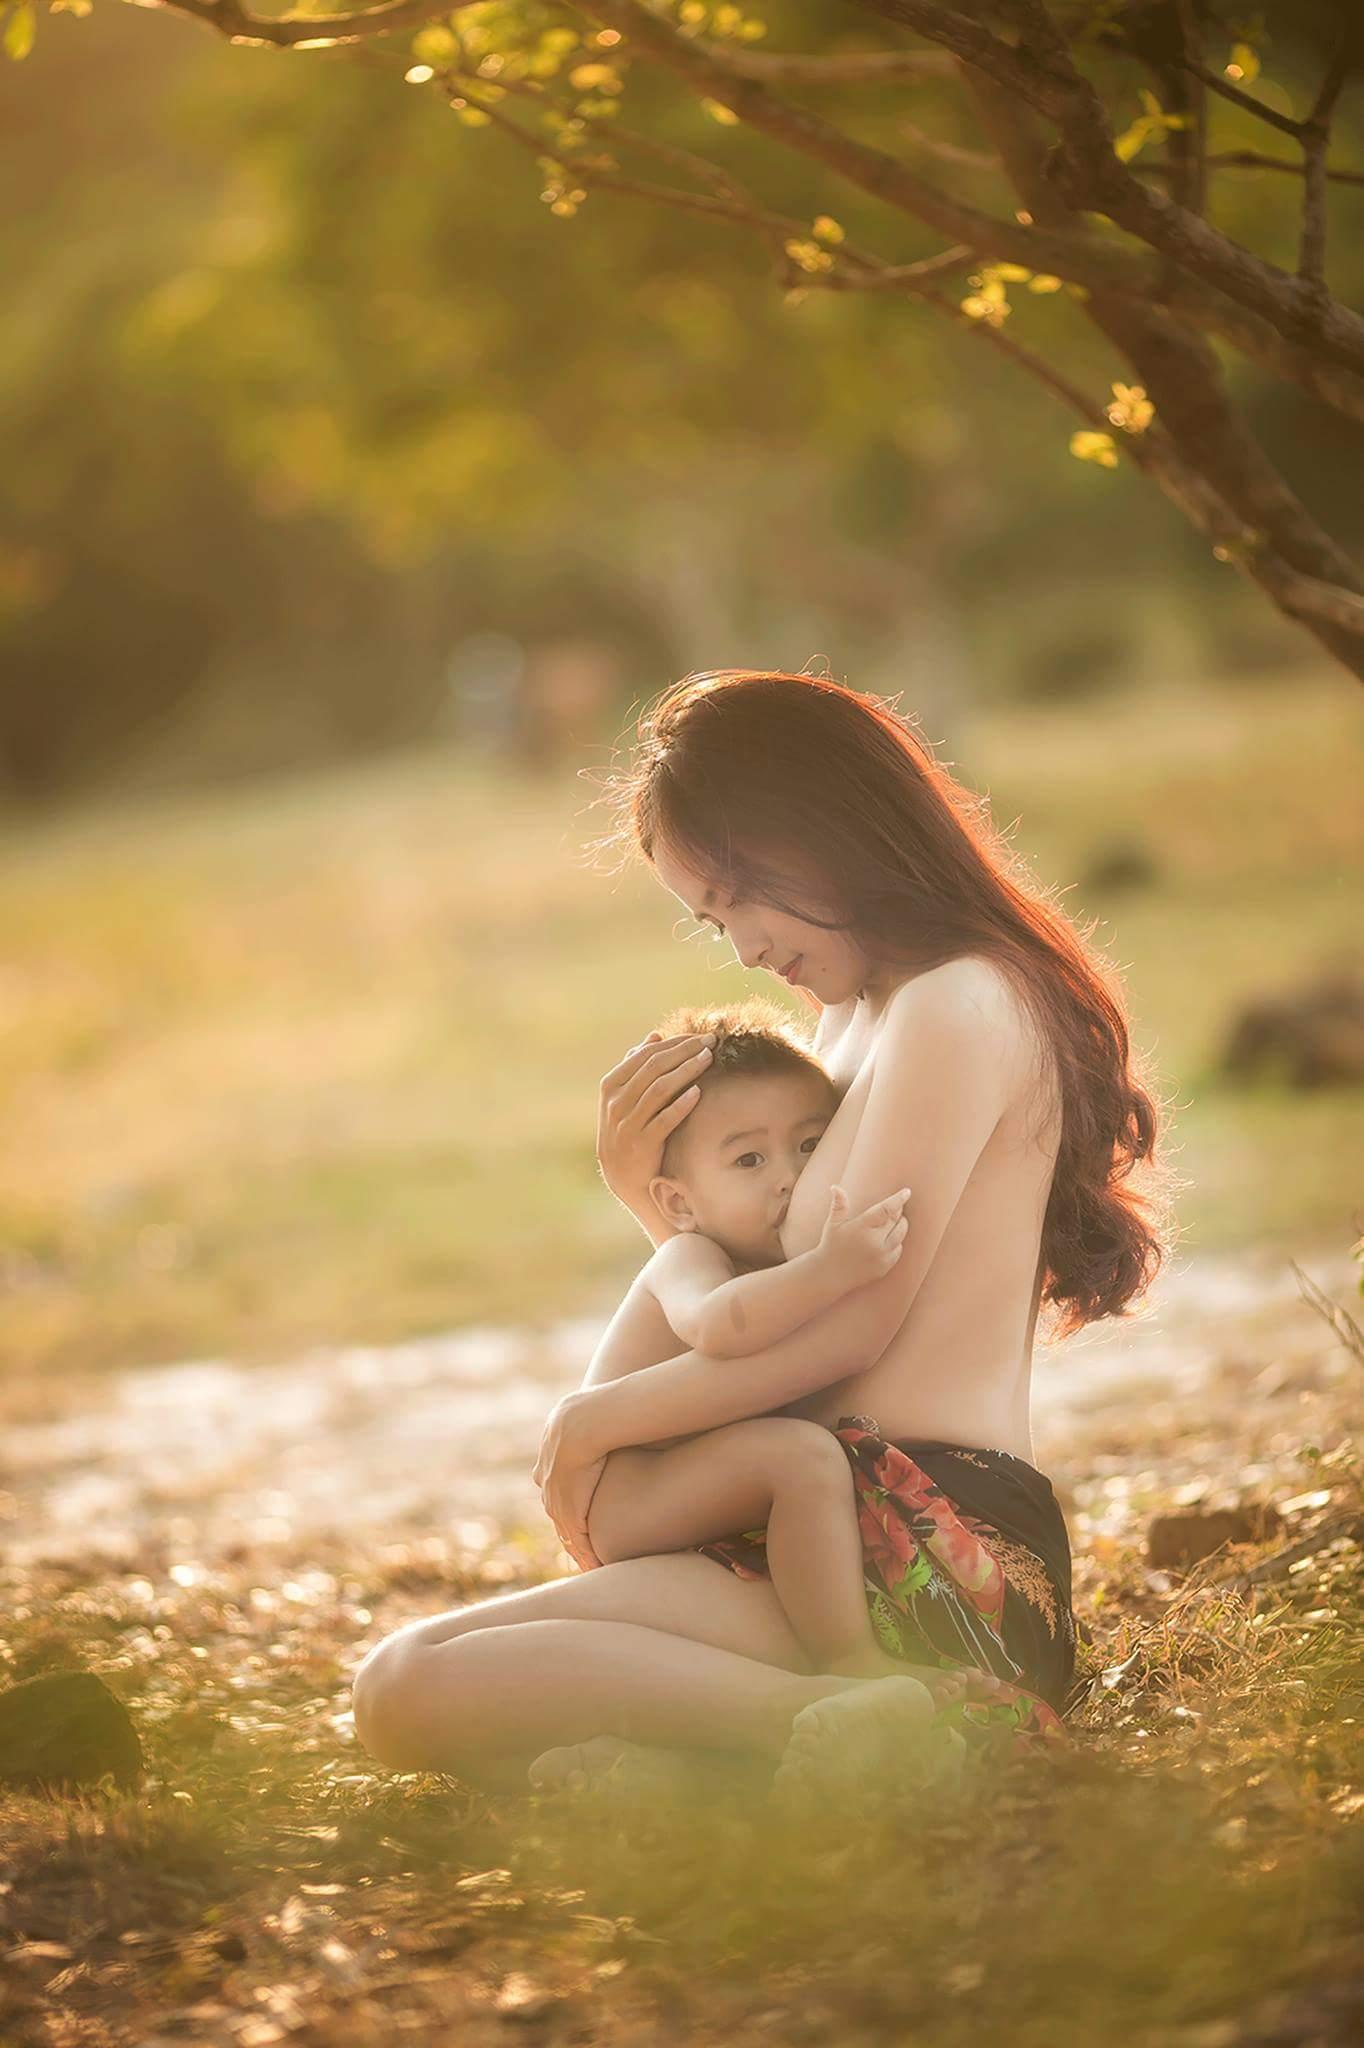 Bà mẹ trẻ Huyền Trang nude photo Cường Trần Studio